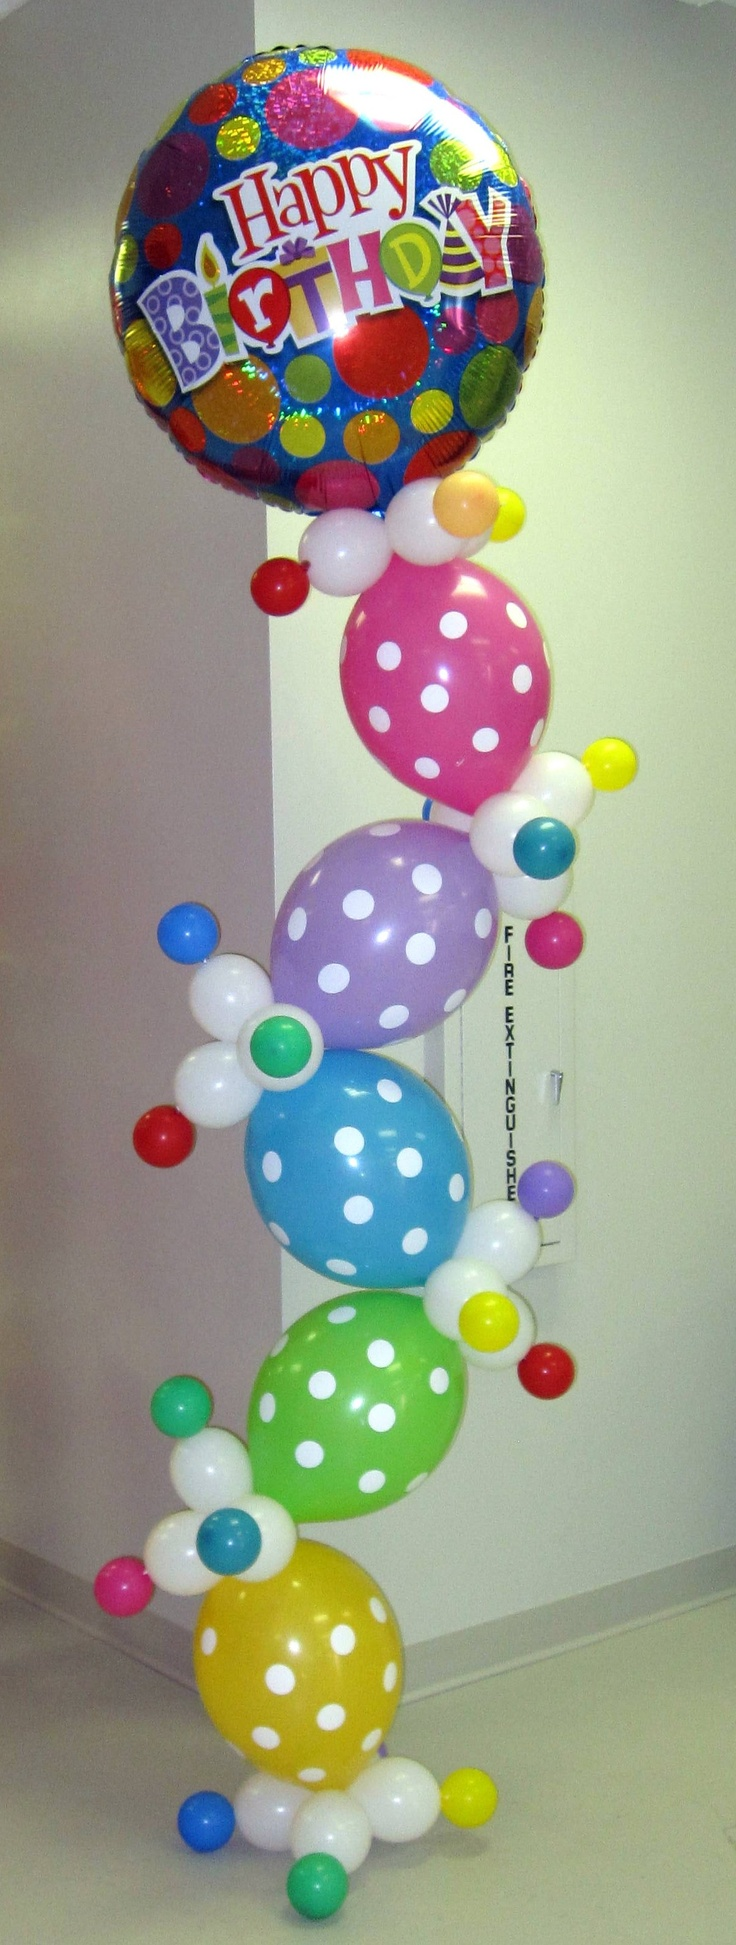 100 plus balloon pins on CaBeatrice's Balloon Board; Happy Birthday Balloons in column